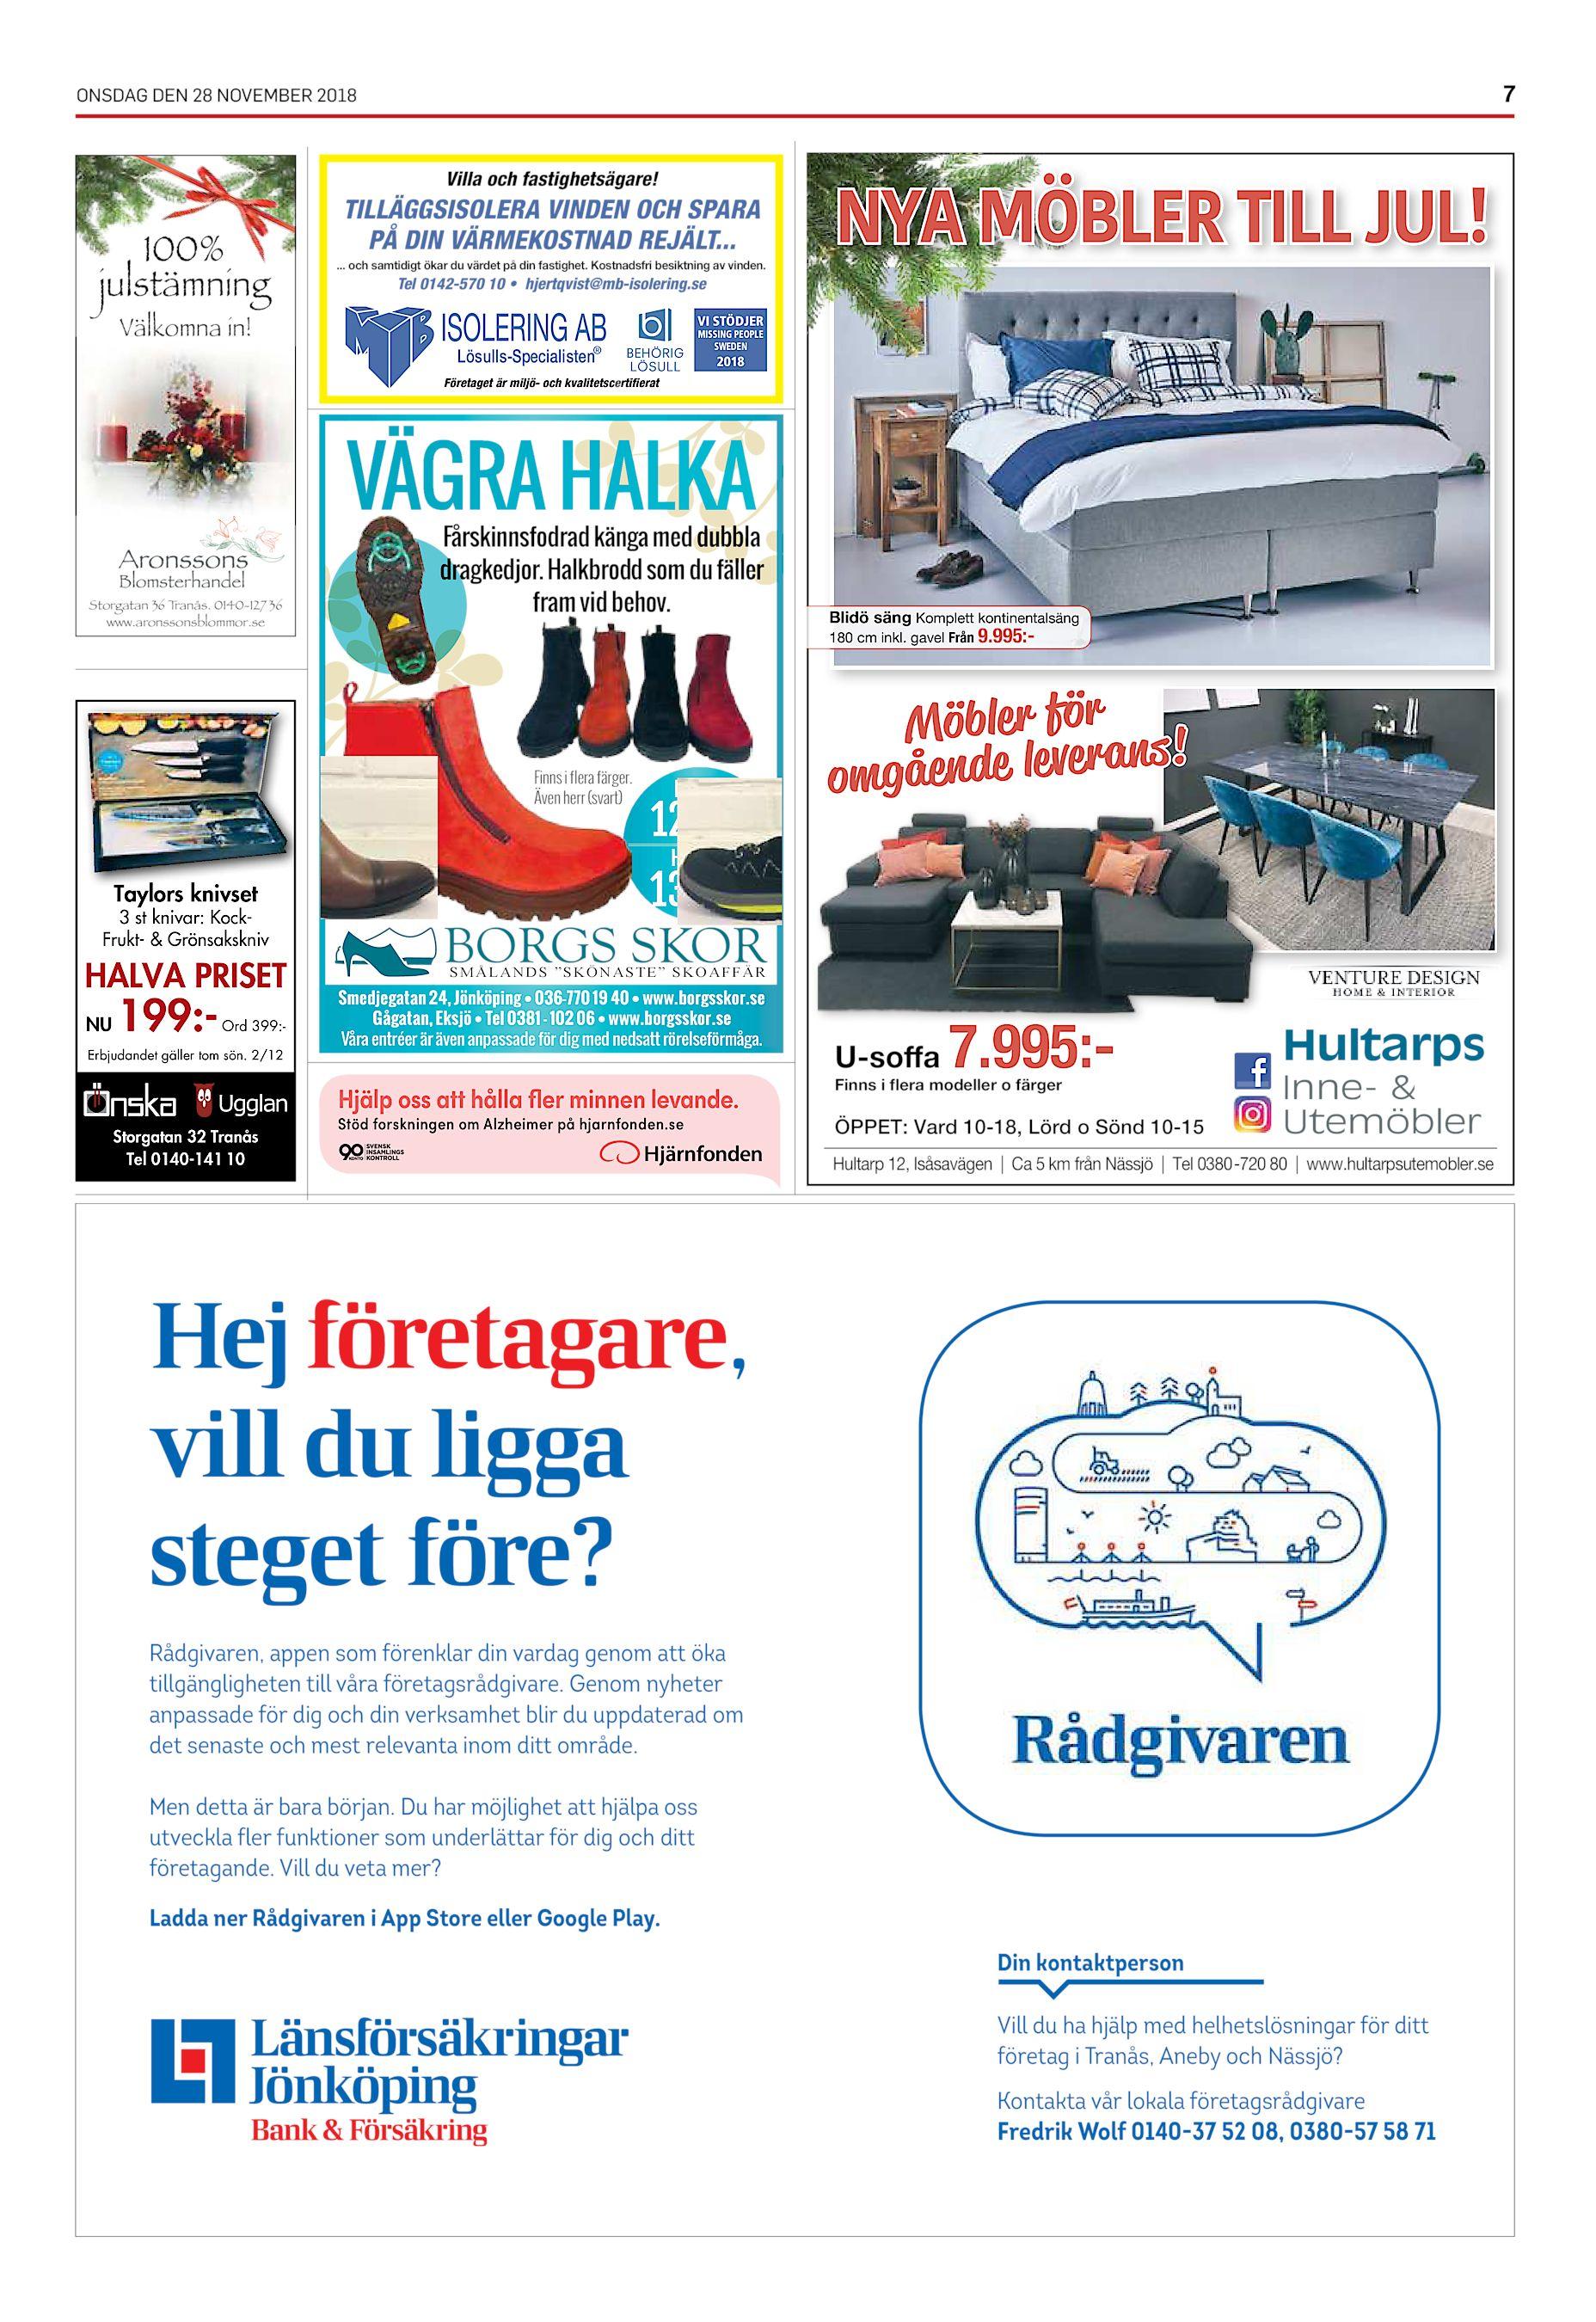 unam.net Historiska Flator: Vrldens bsta Tove Jansson